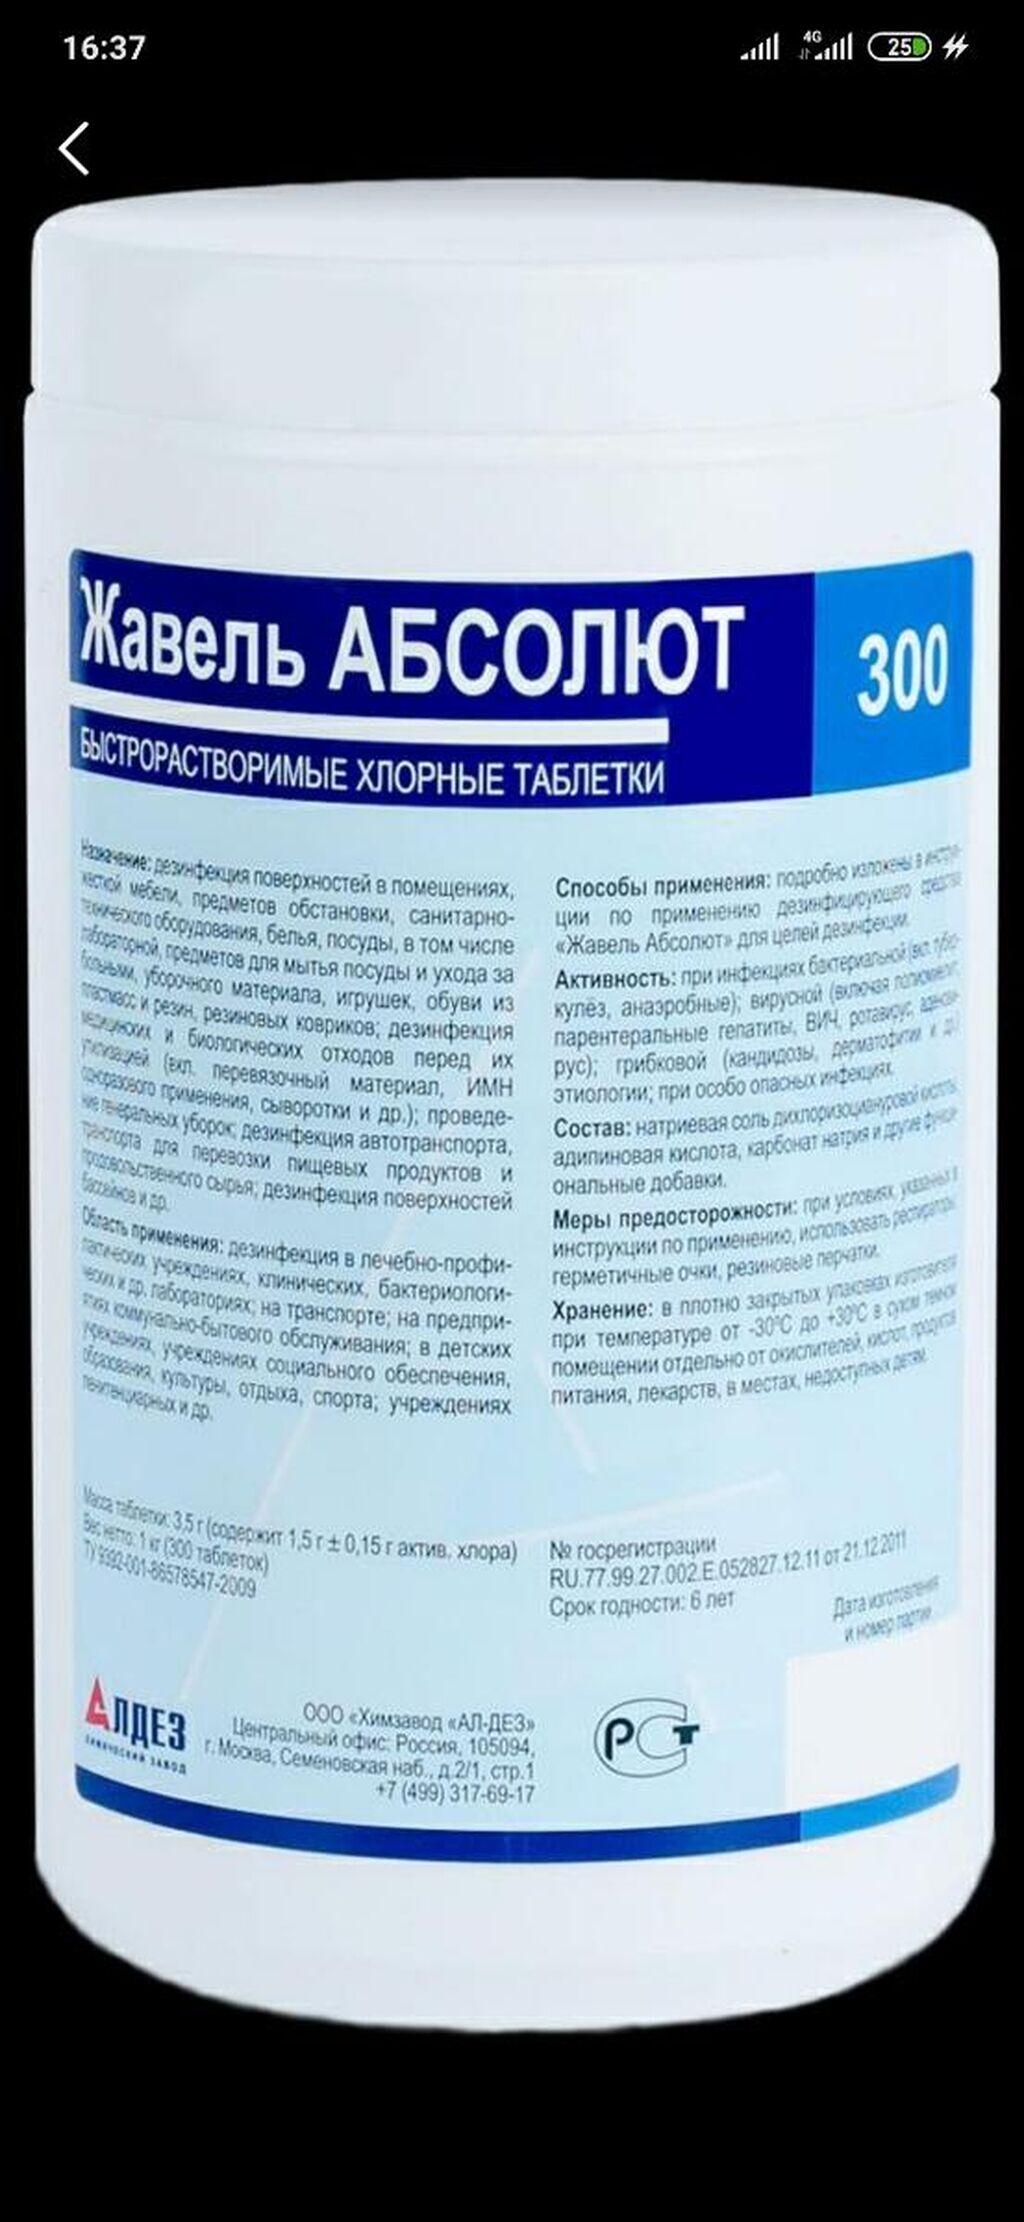 Хлорные таблетки Жавель АБСОЛЮТ 300. Пишите на WhatsApp